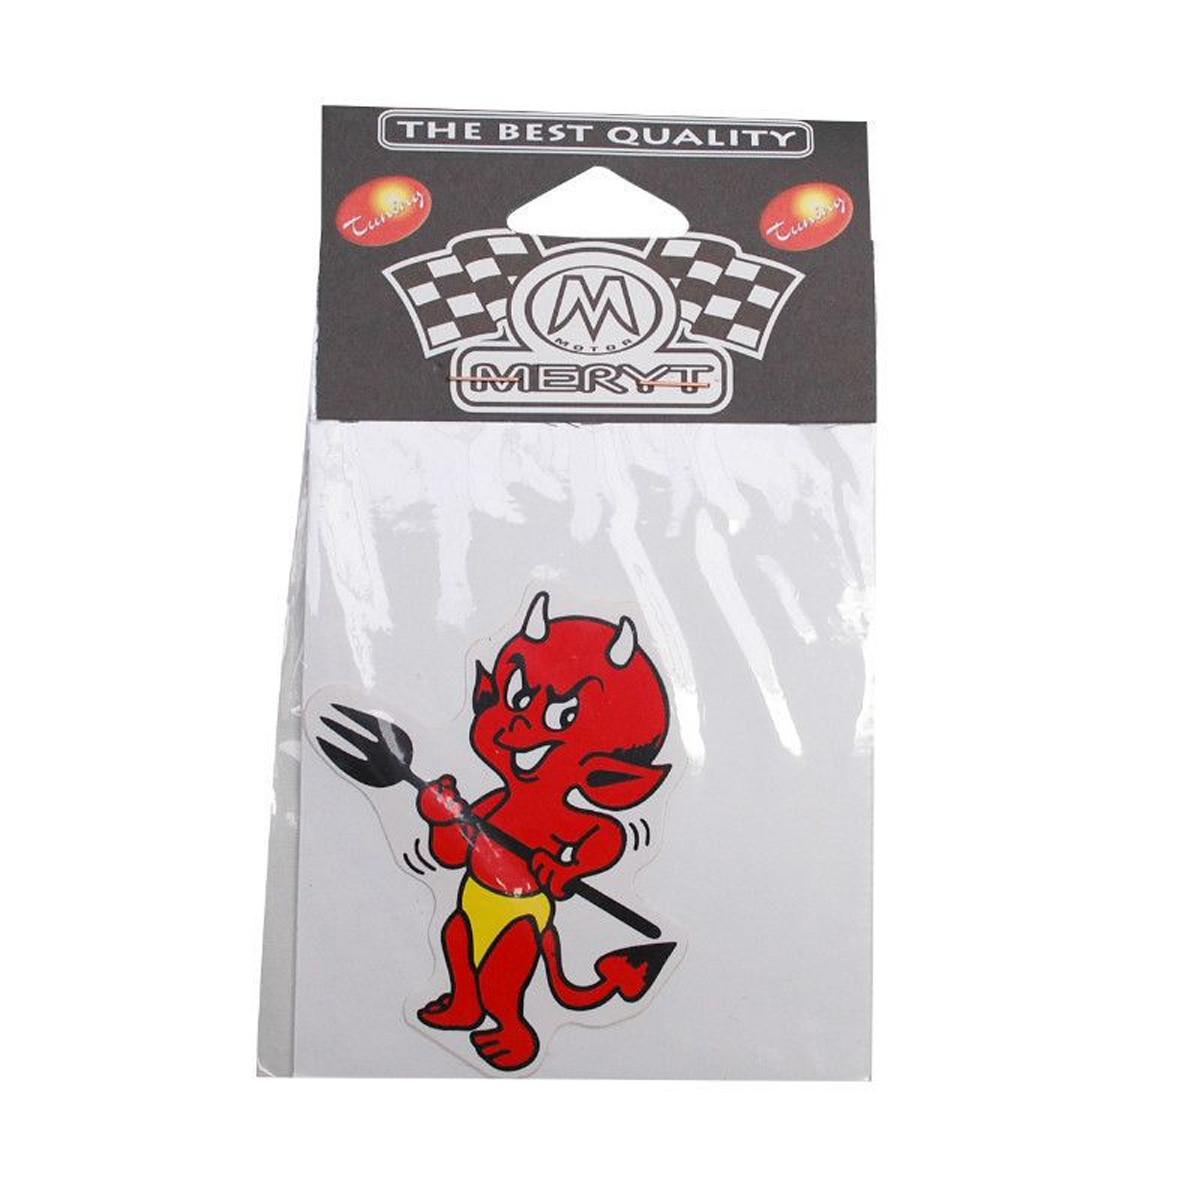 Autocollant / Sticker - MERYT Devil Petit Avec Trident 8 x 8.5cm